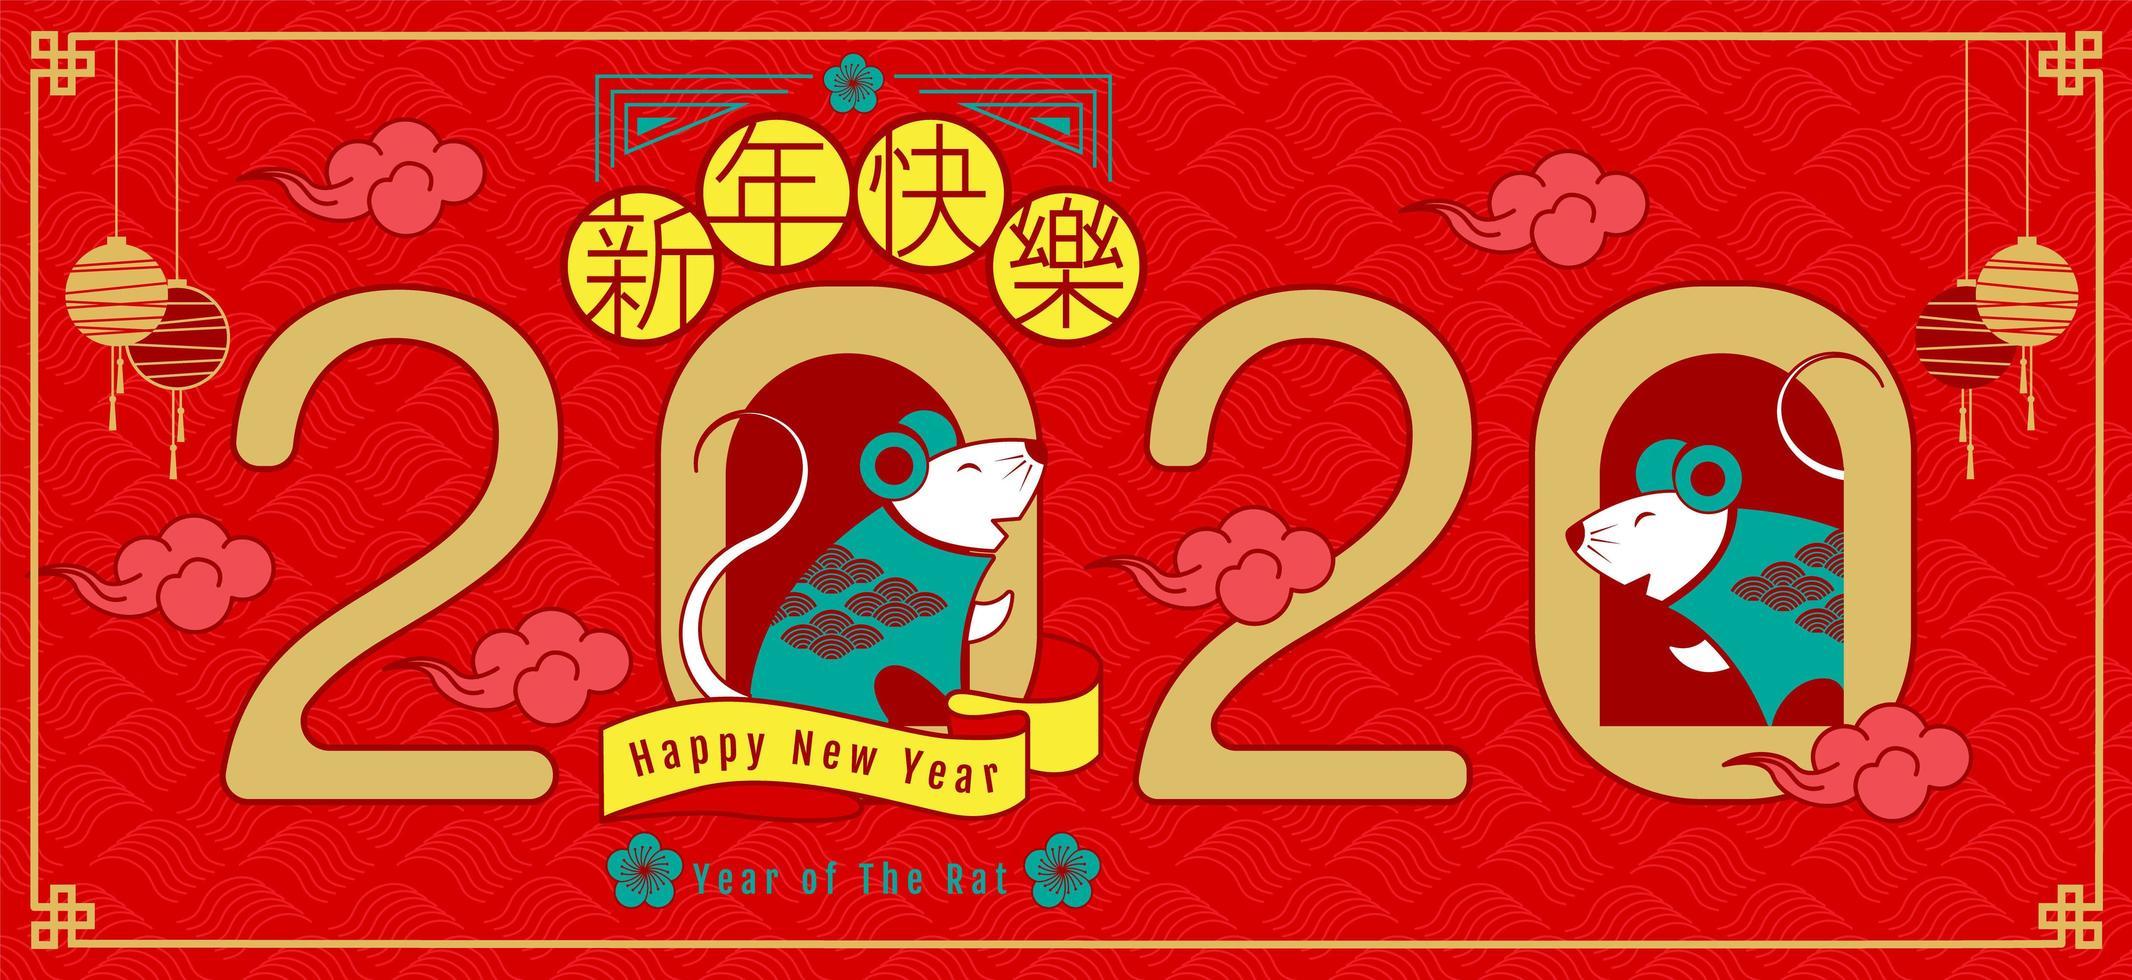 année 2020 colorée de la bannière de rat vecteur